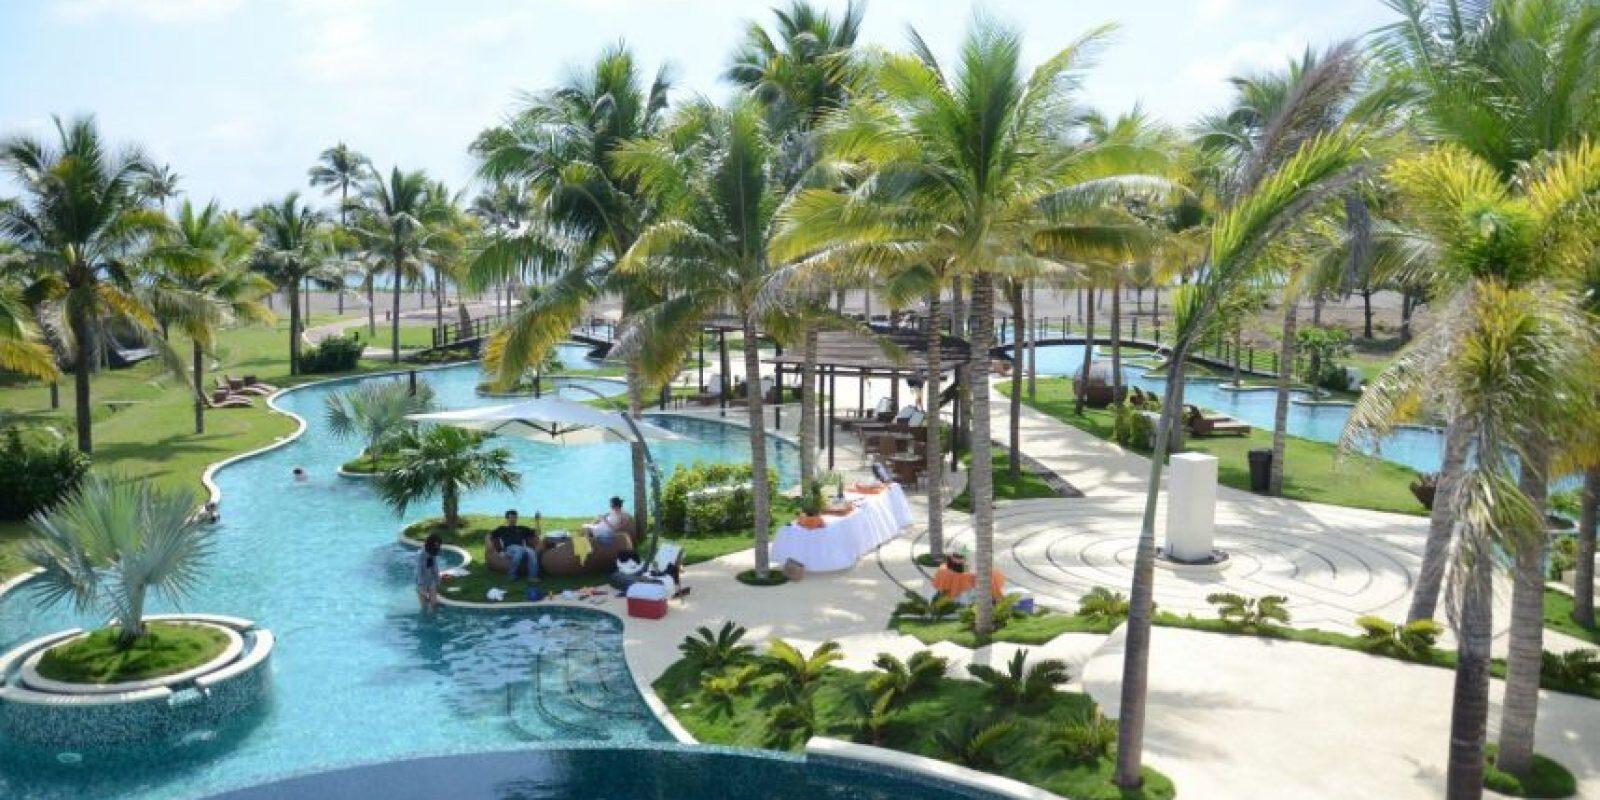 As luce la piscina m s grande de centroam rica ubicada en for Construccion de piscinas en guatemala